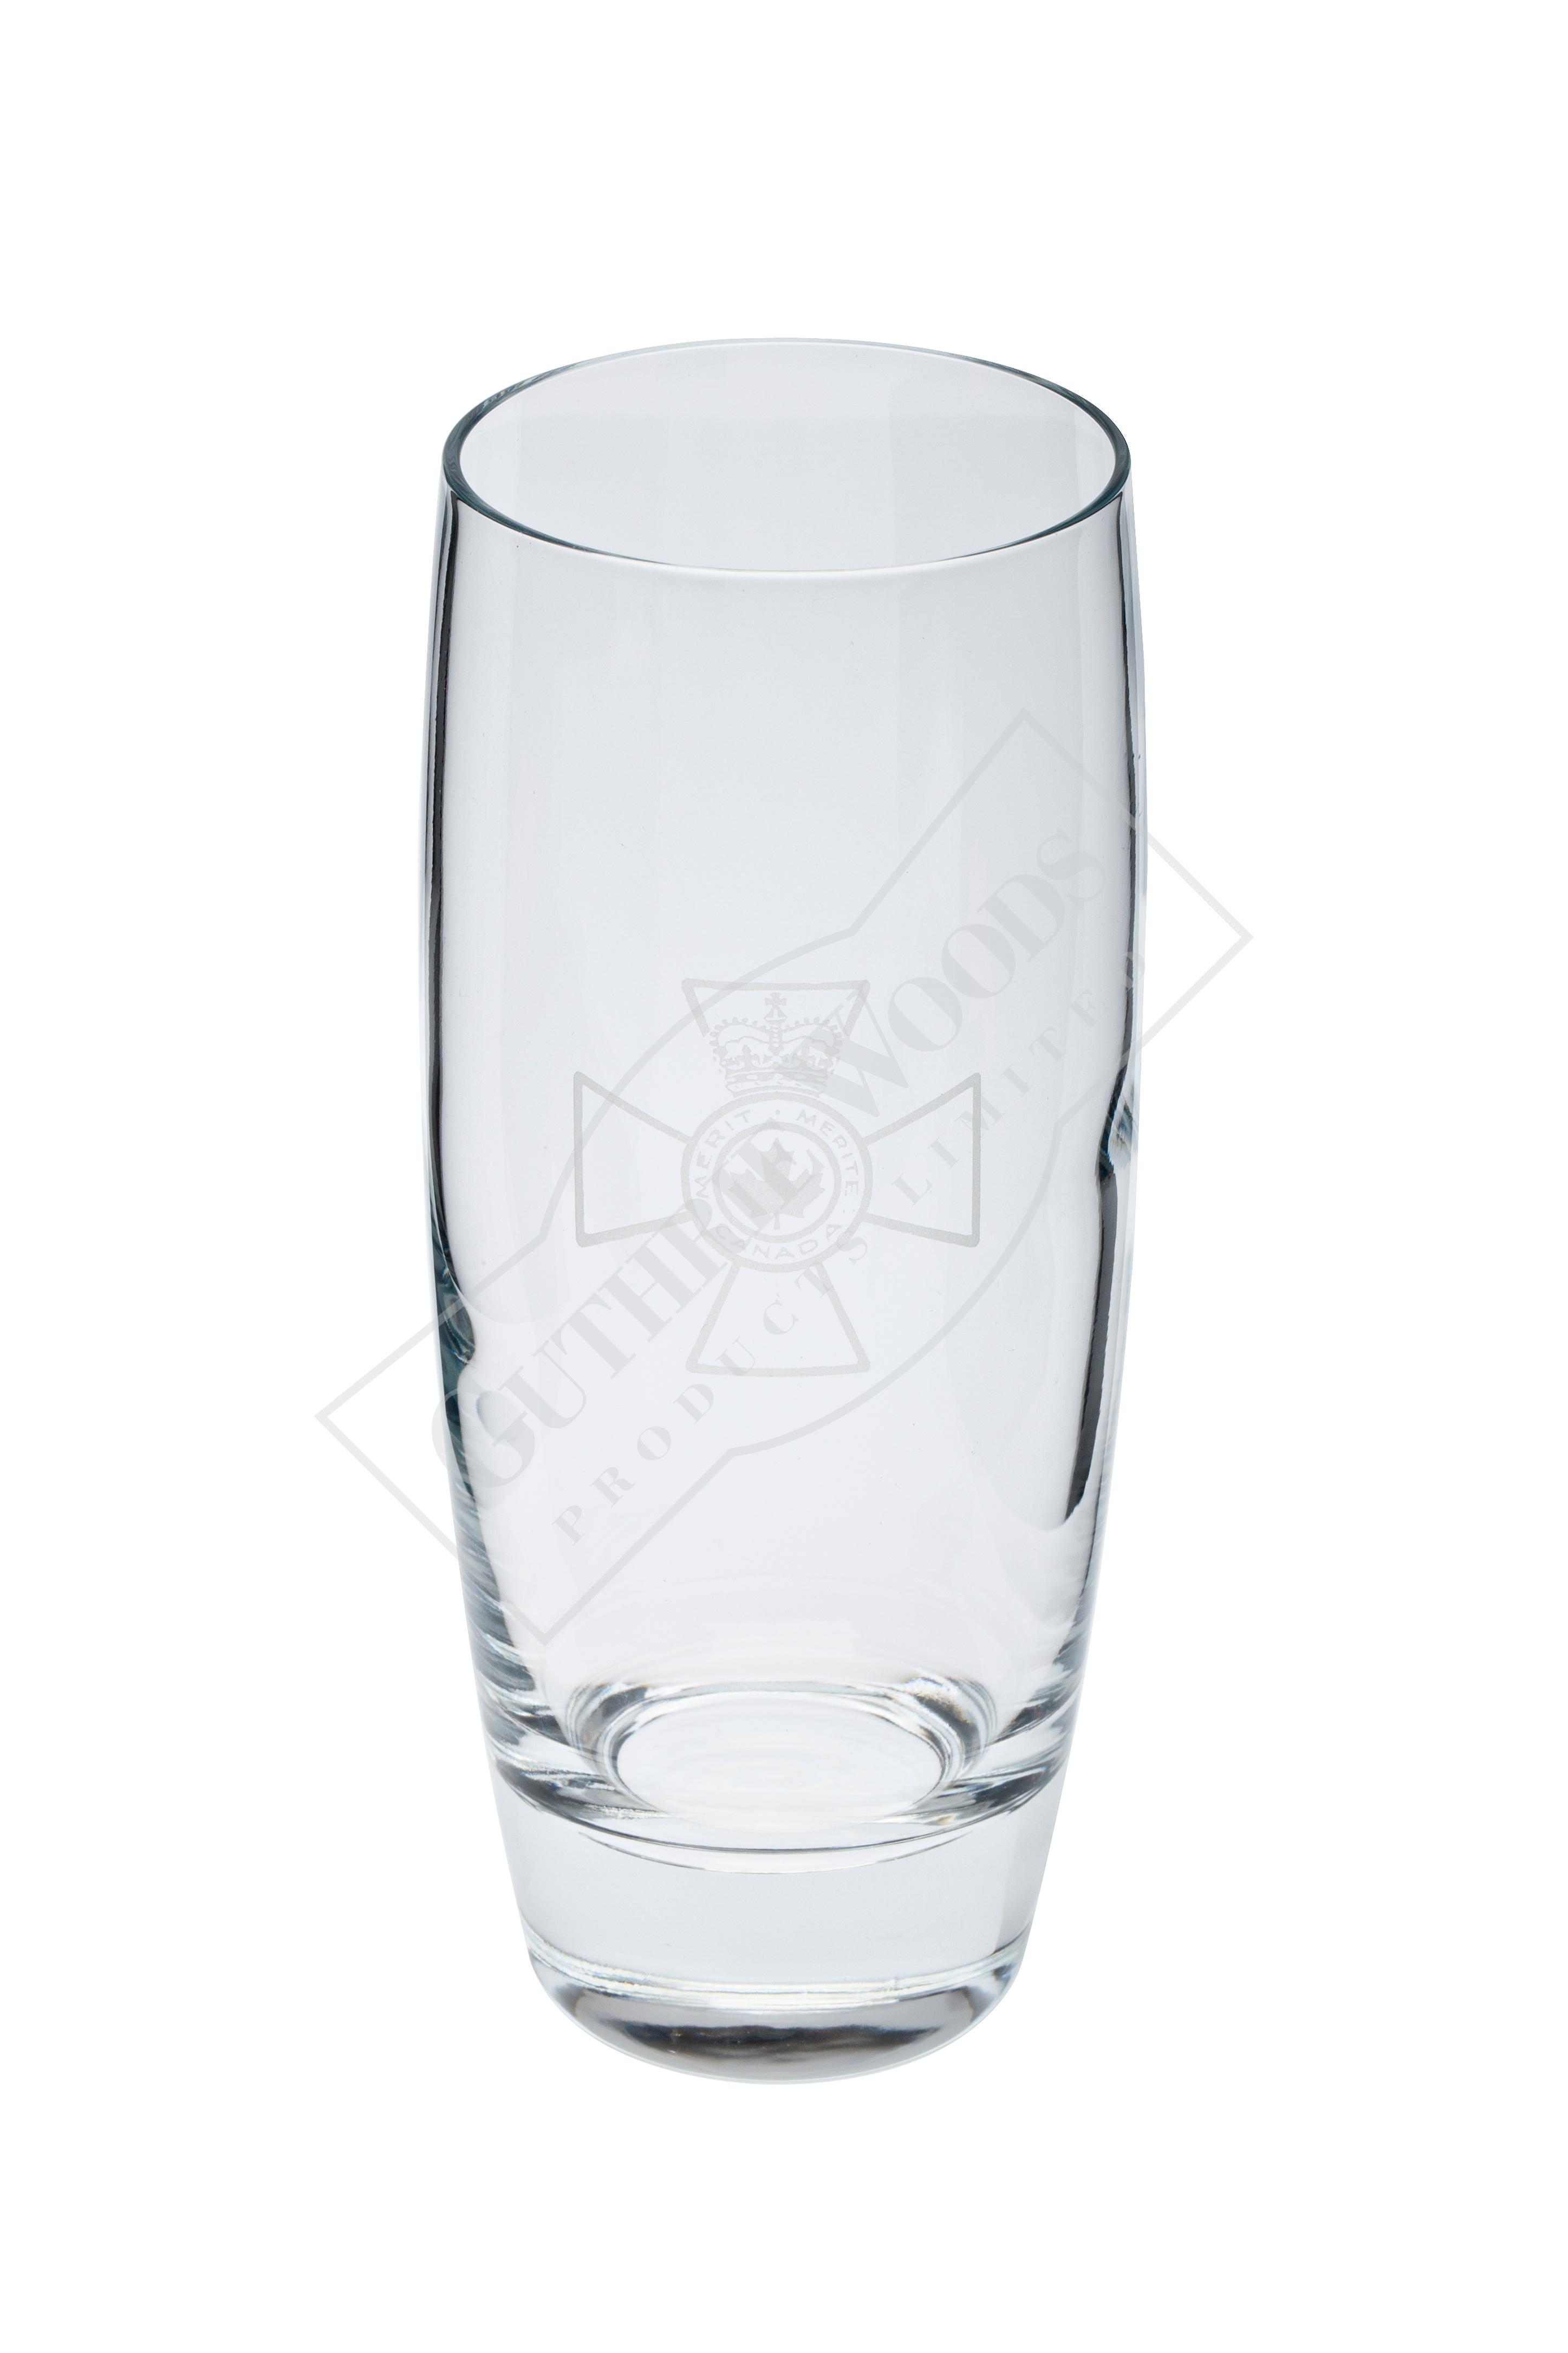 #296-G1 High ball glass